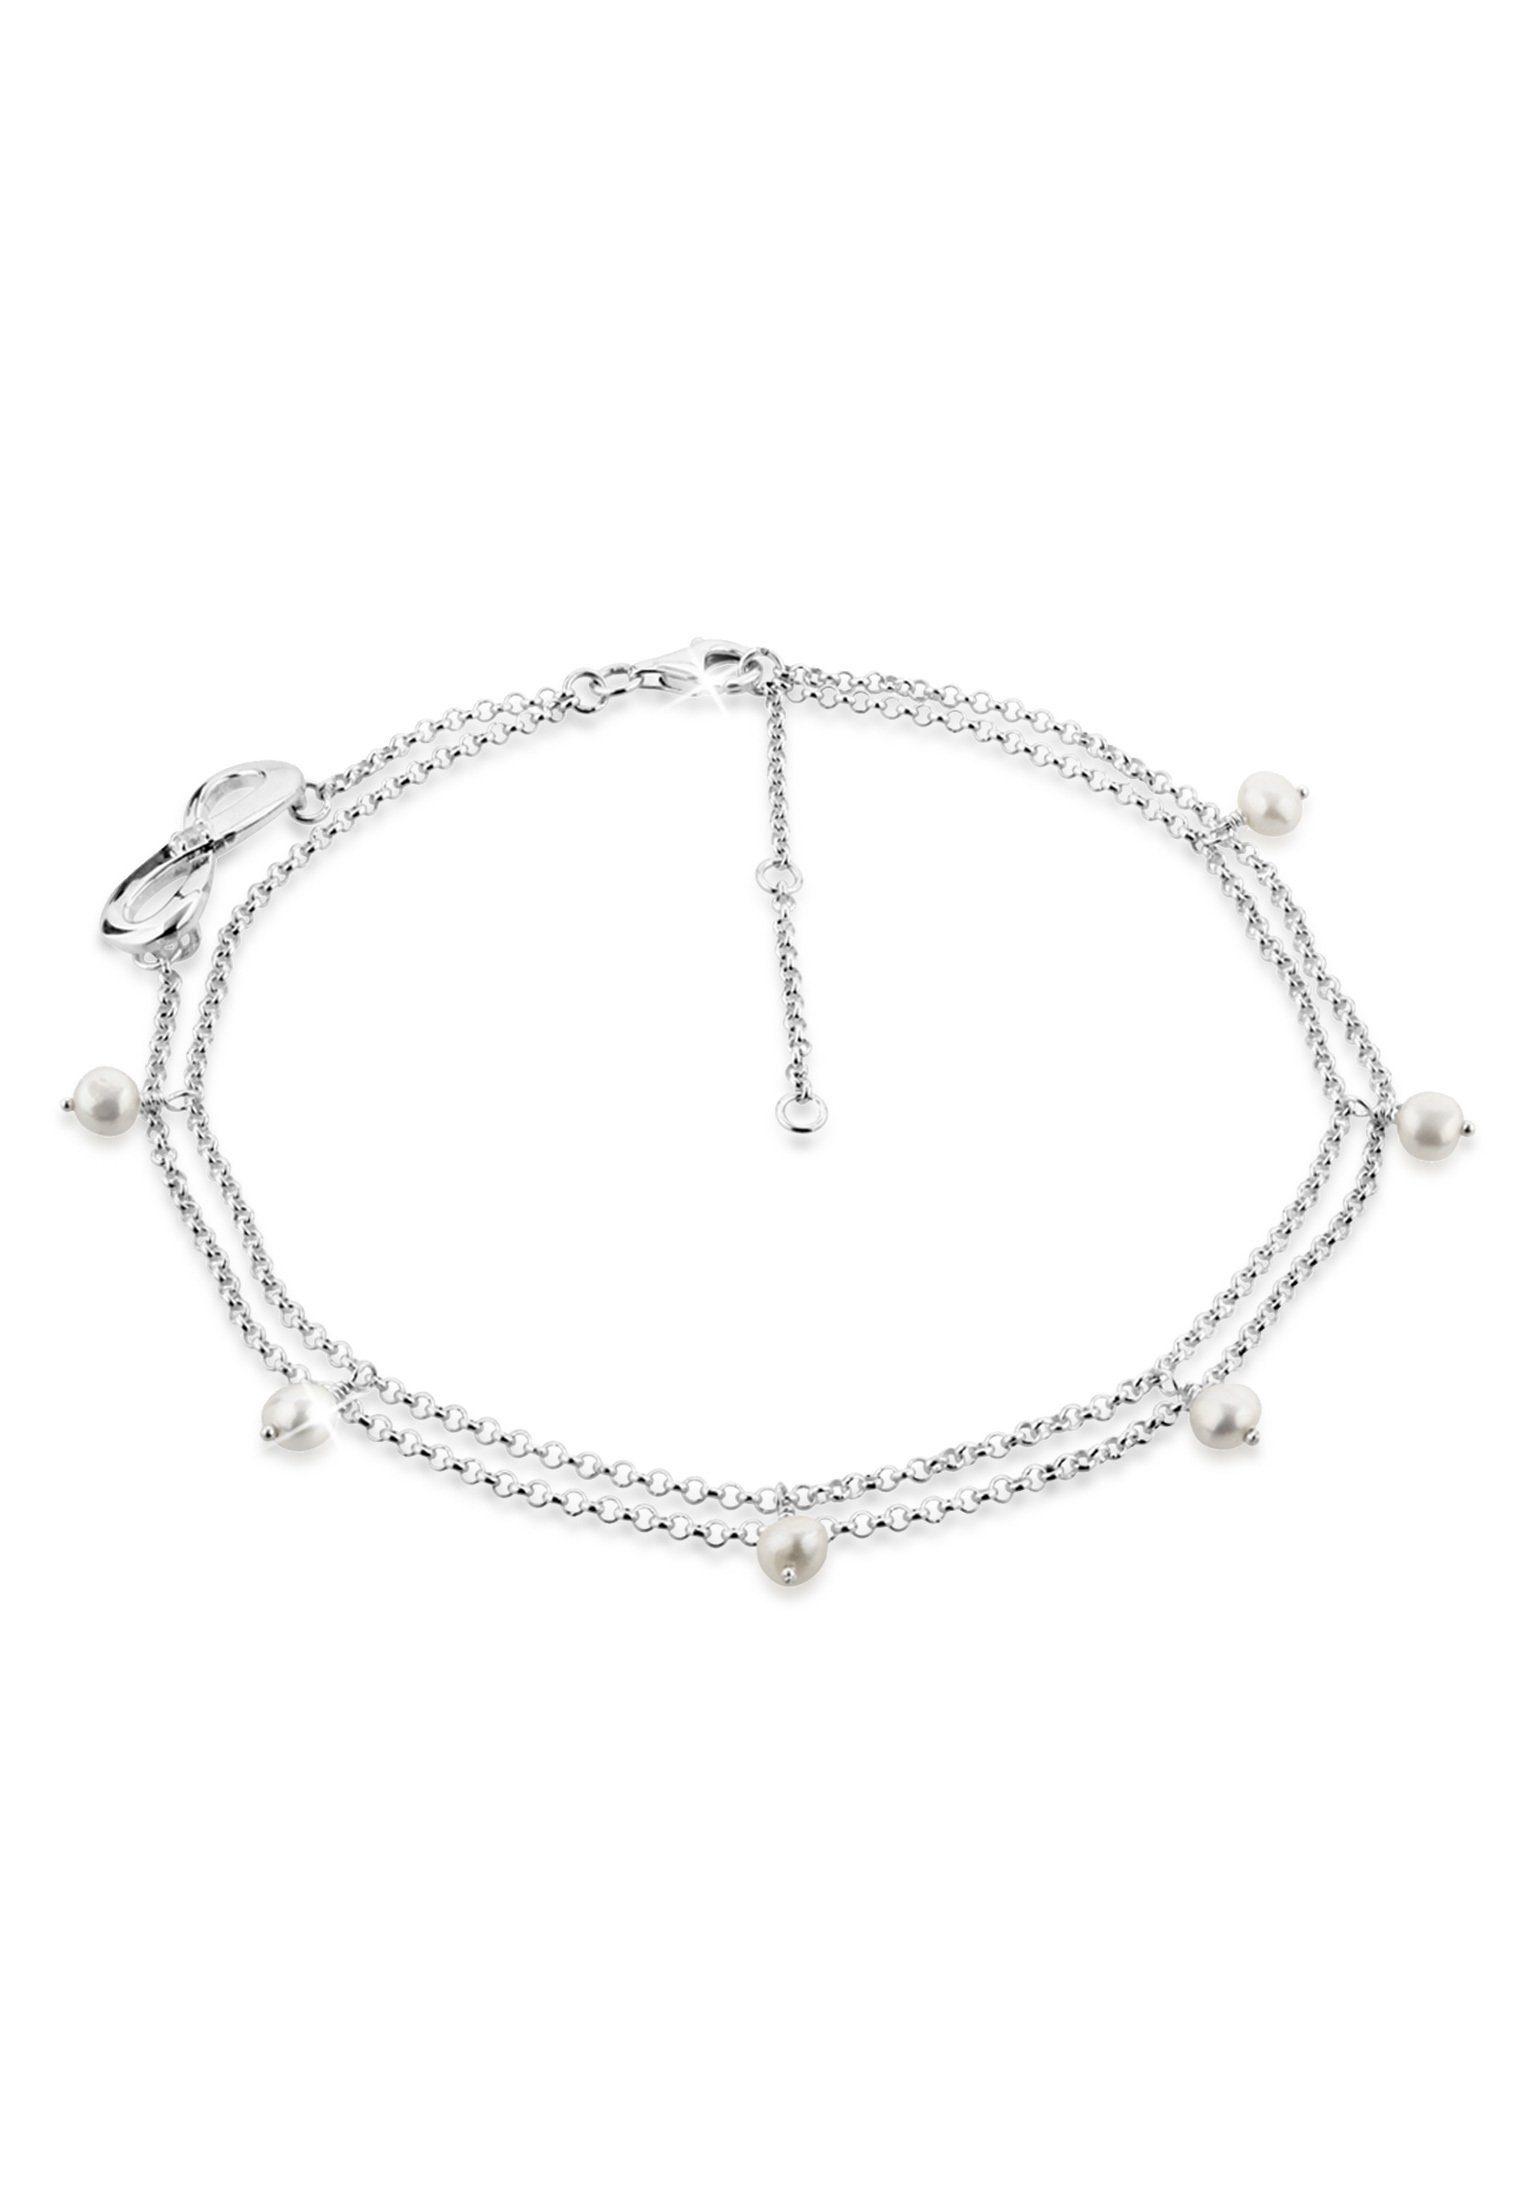 Nenalina Fußkette »Infinity Zirkonia Süsswasserzuchtperlen 925 Silber«